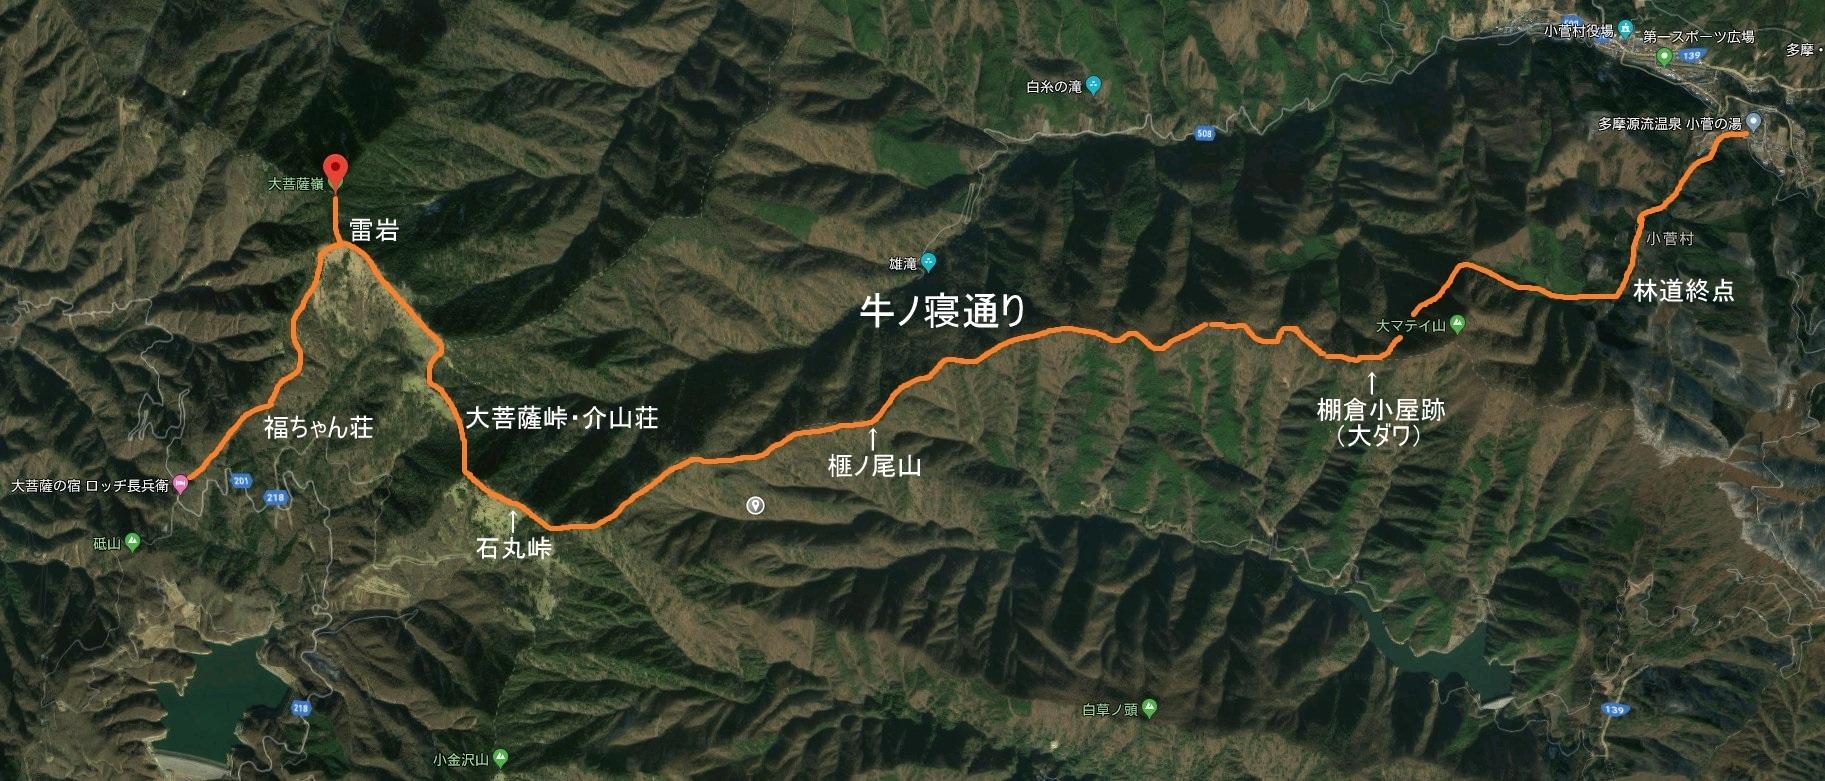 大菩薩嶺・牛ノ寝通り地図